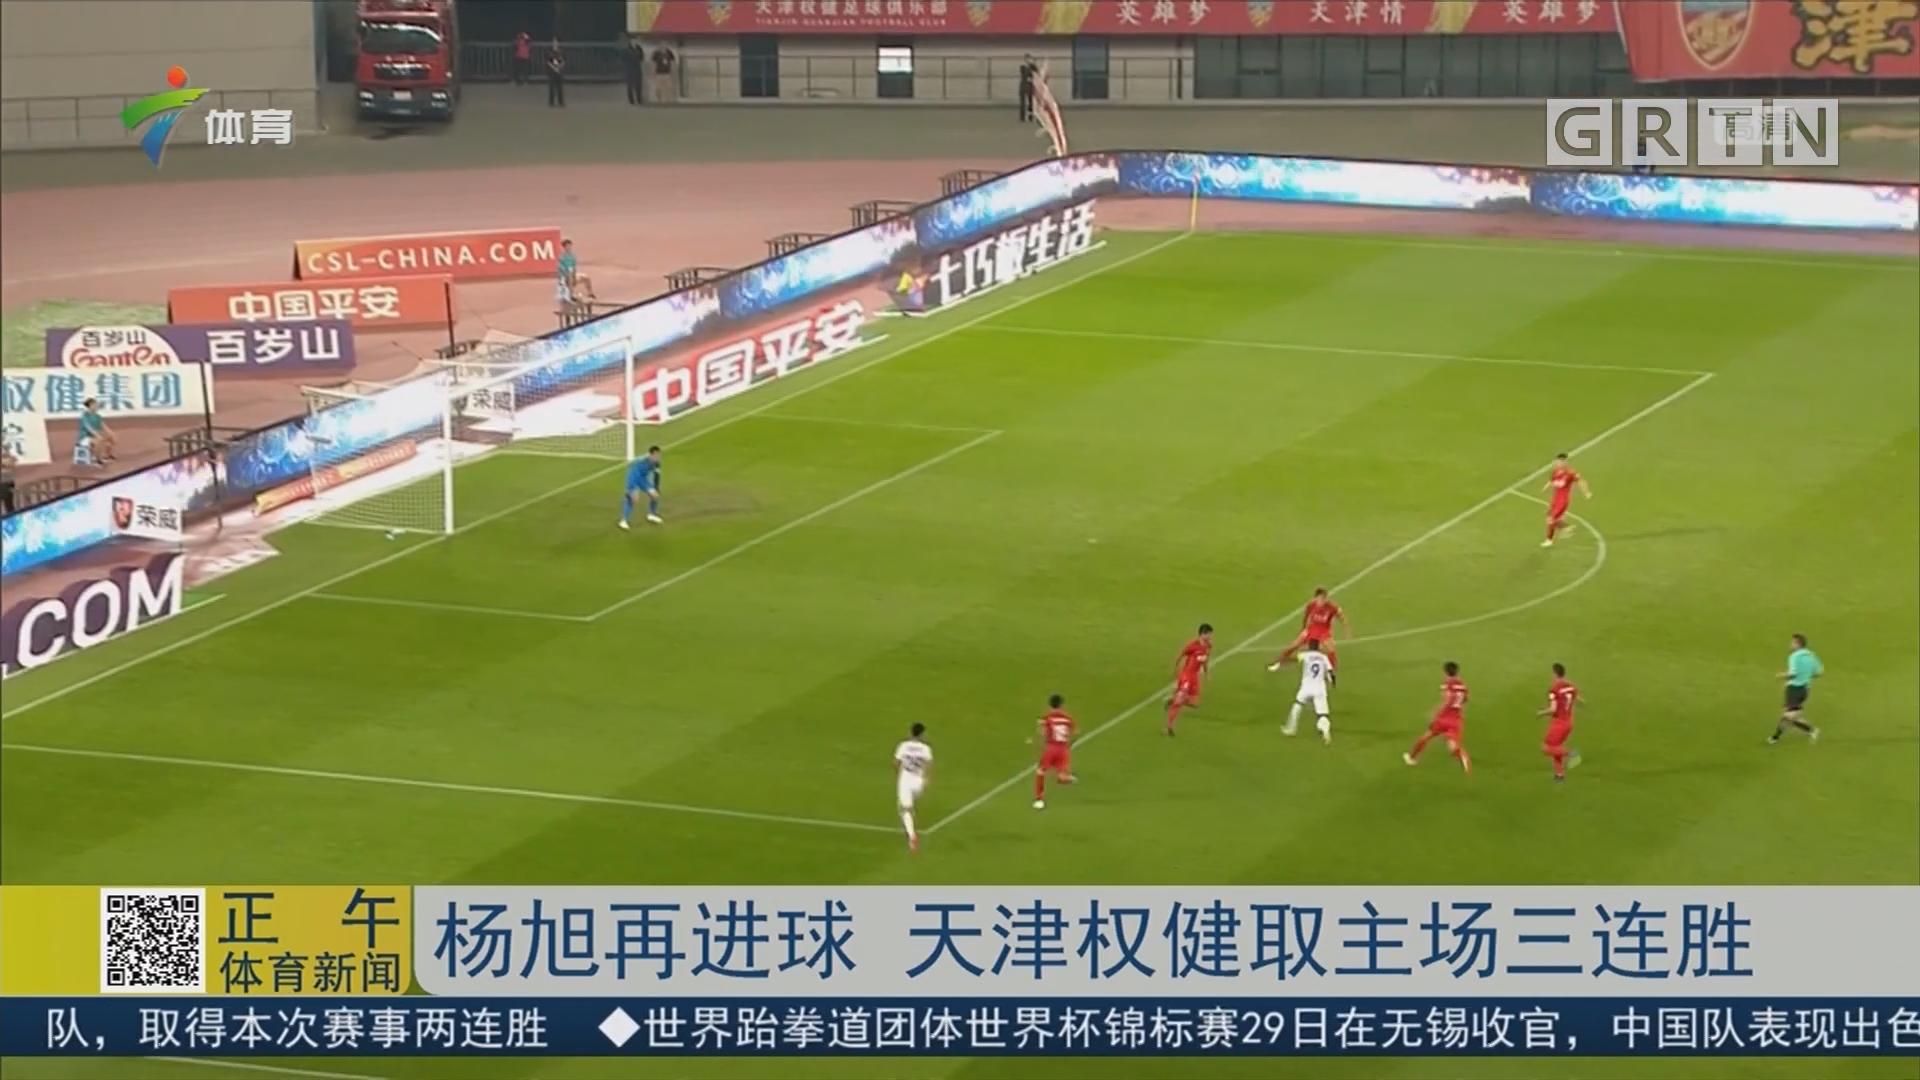 杨旭再进球 天津权健取主场三连胜